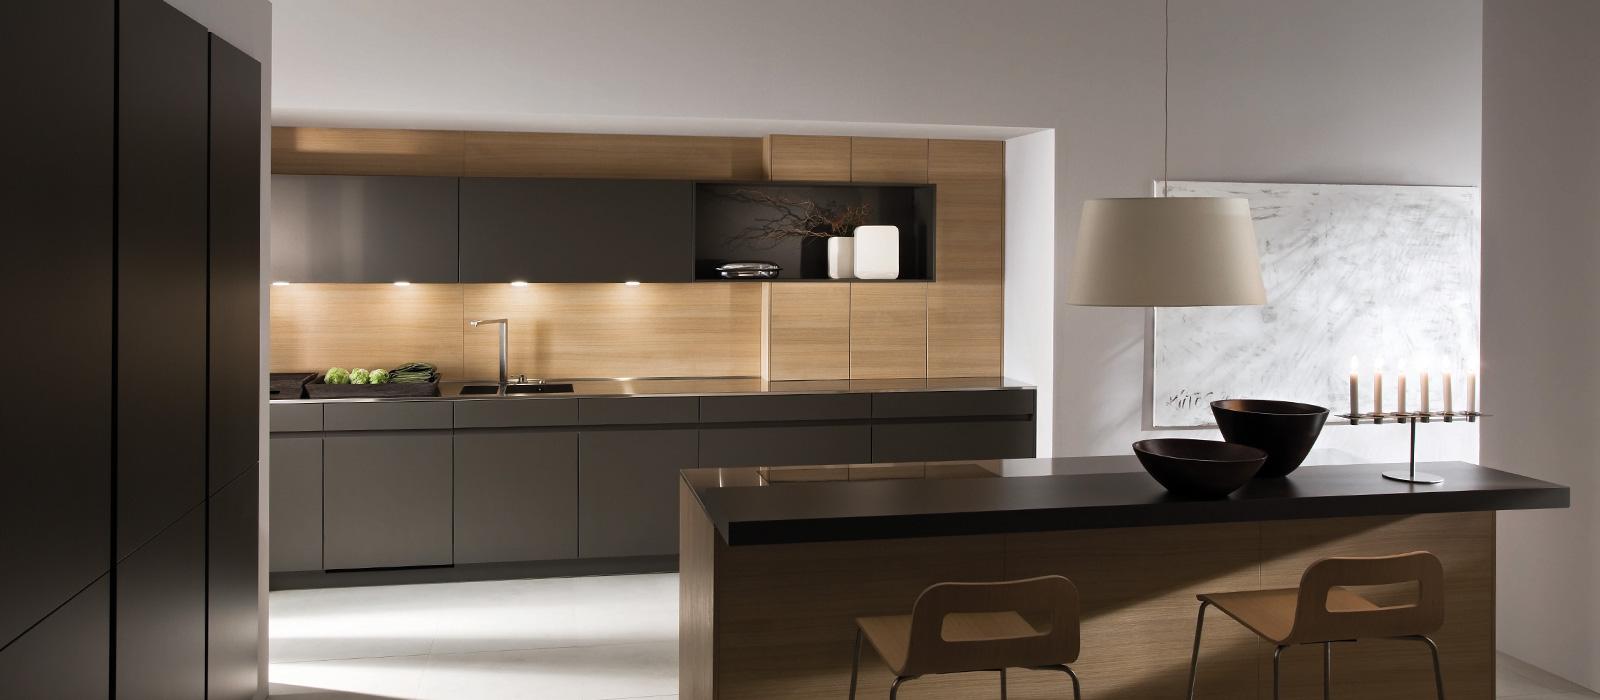 Pinta Orlando Avance K Avance KH 2009 | Kitchen Cabinets ...